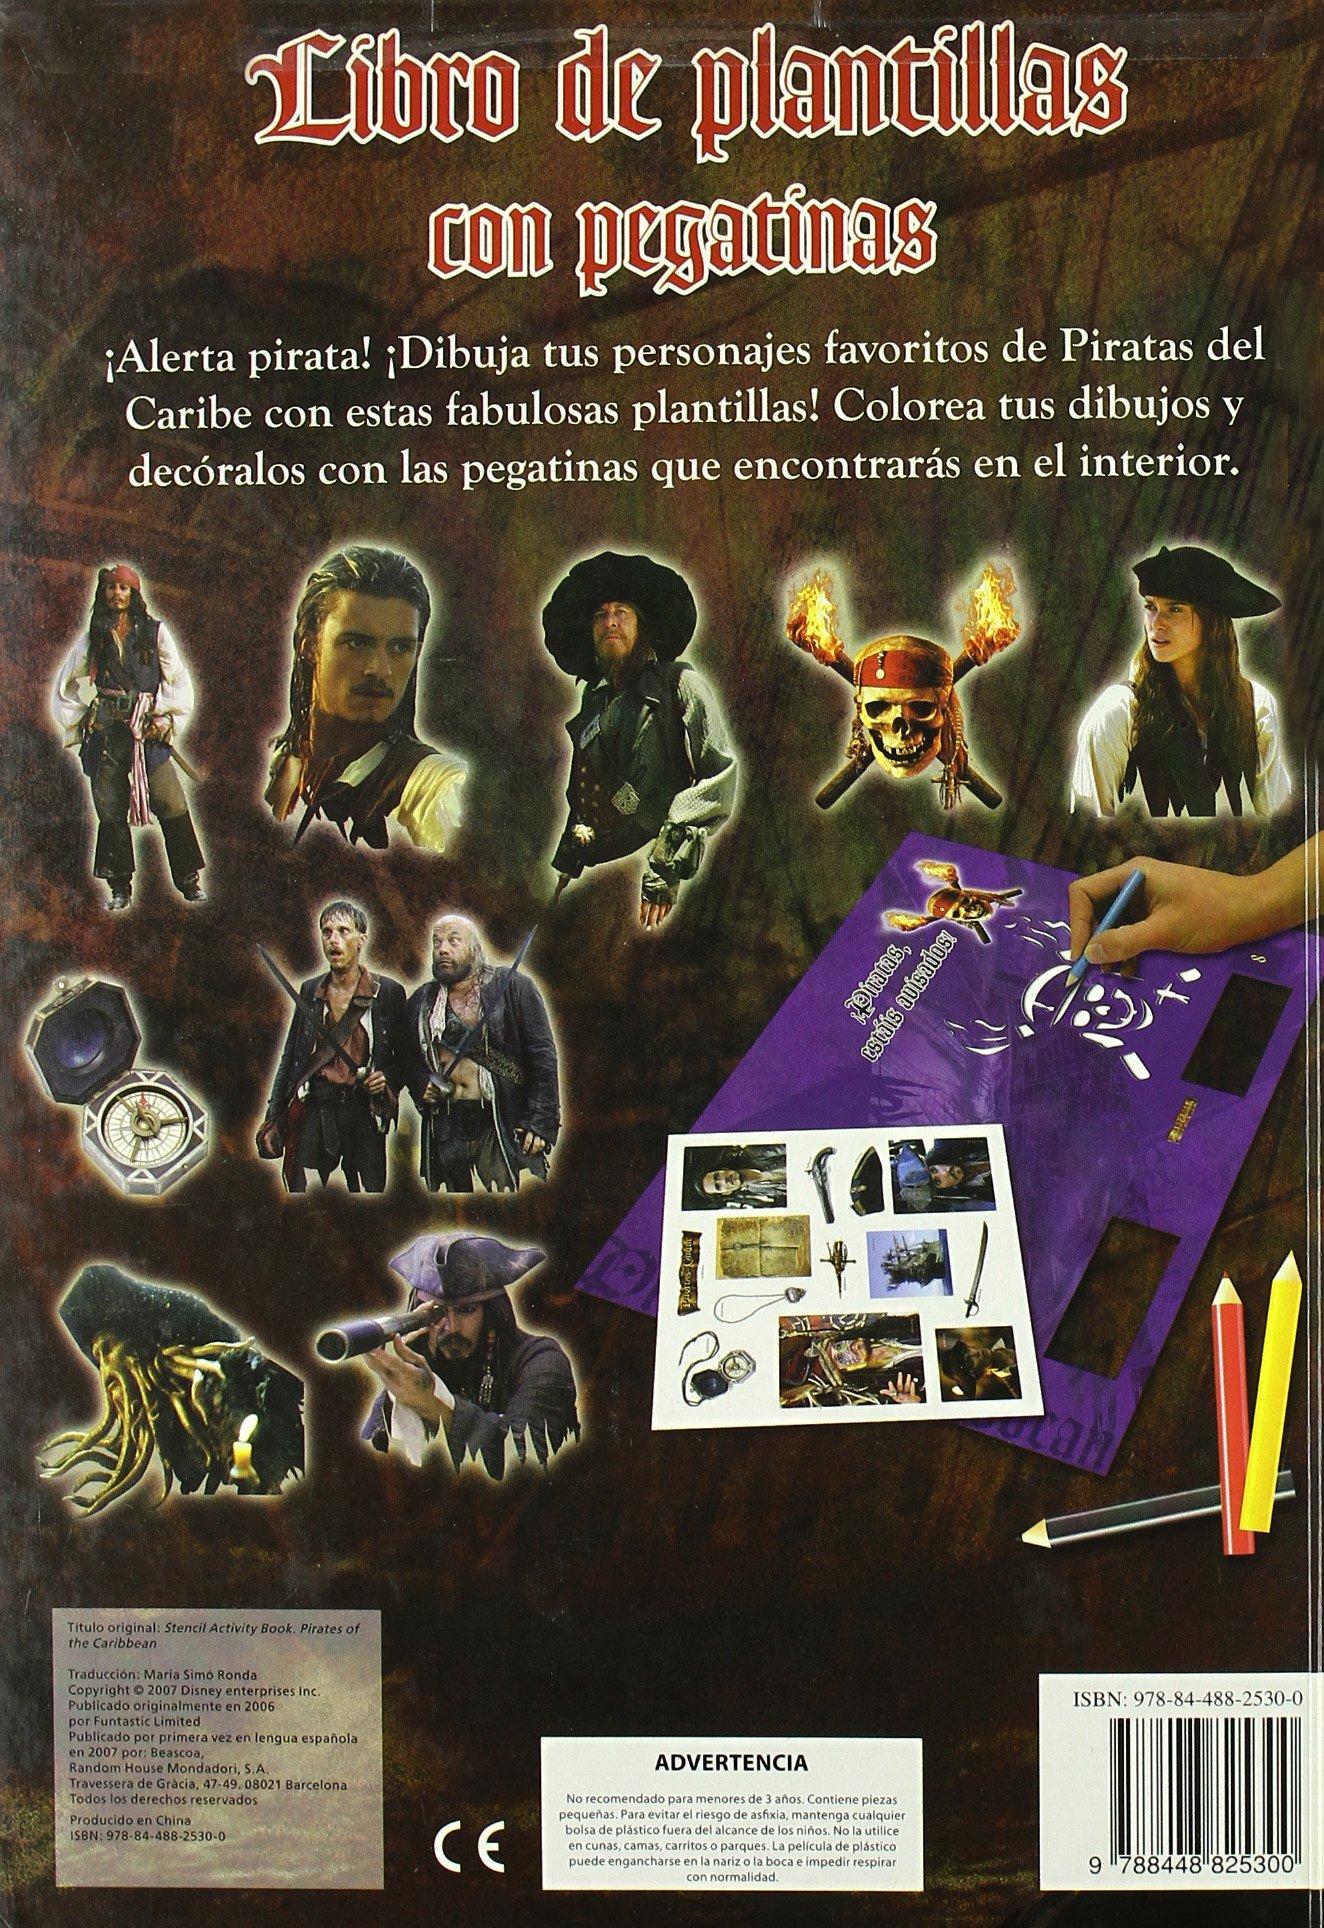 LIBRO DE PLANTILLAS. PIRATAS DEL CARIBE (INC.PEGATINAS): 9788448825300: Amazon.com: Books